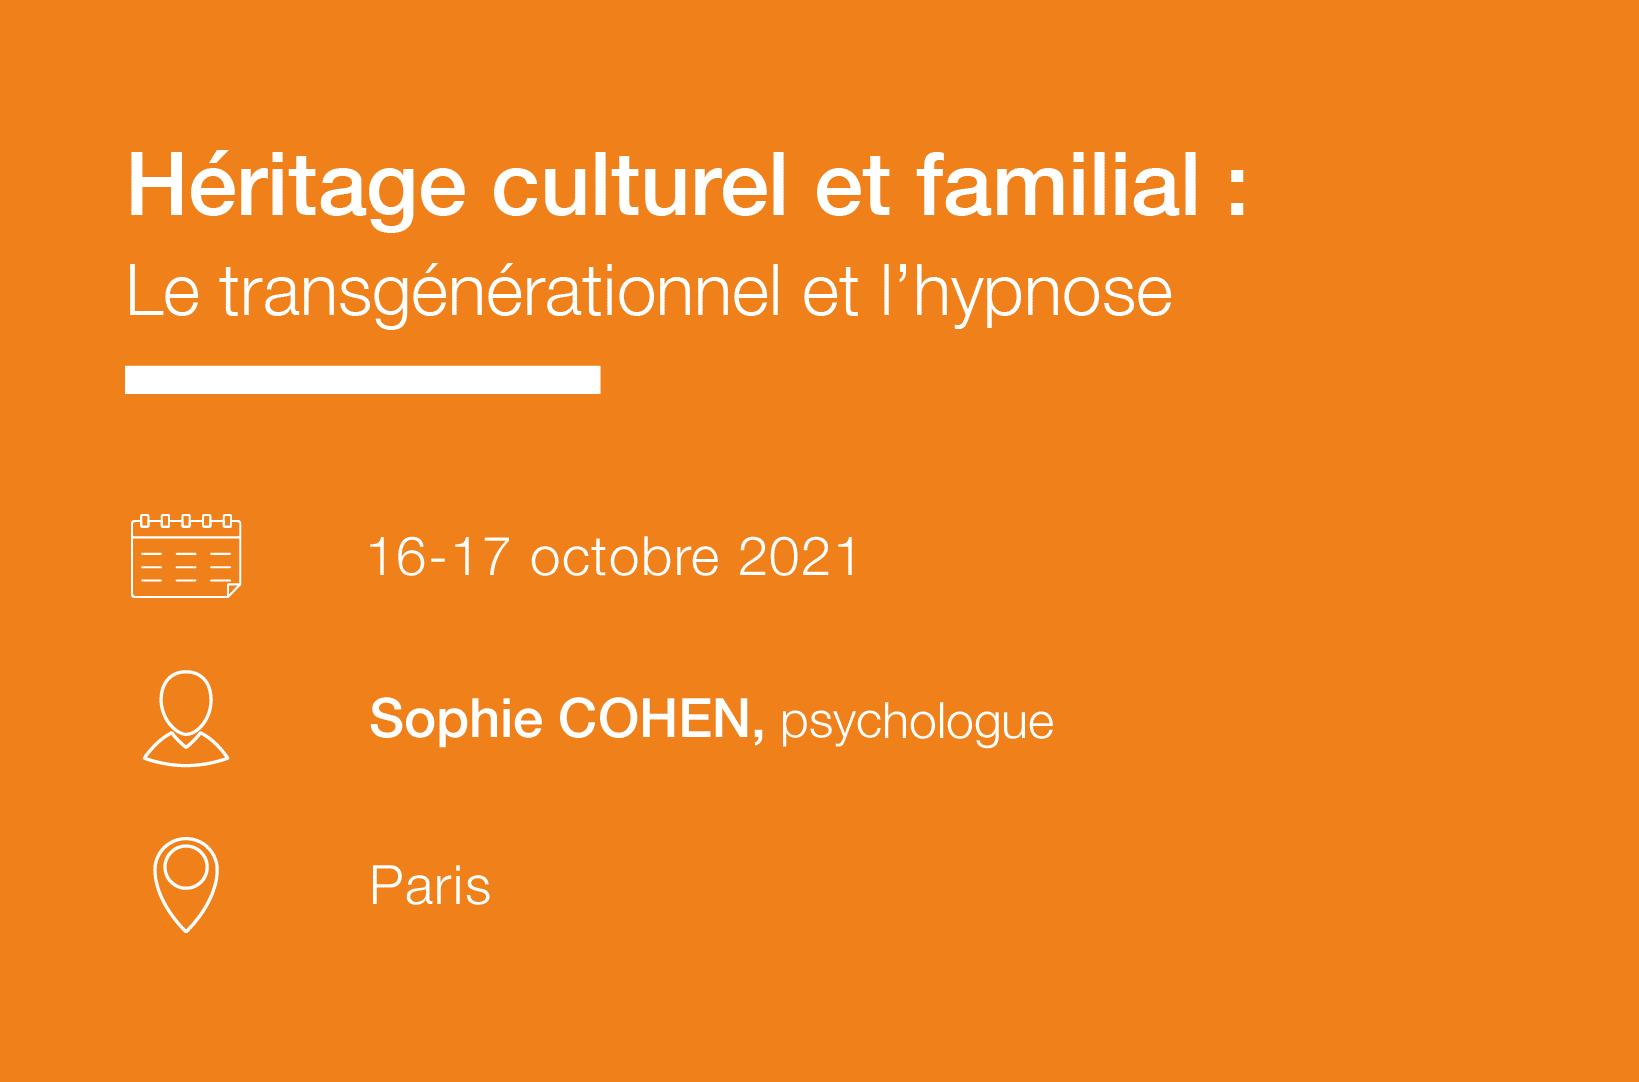 Seminaire Heritage culturel et familial Le transgenerationnel et l hypnose IFH